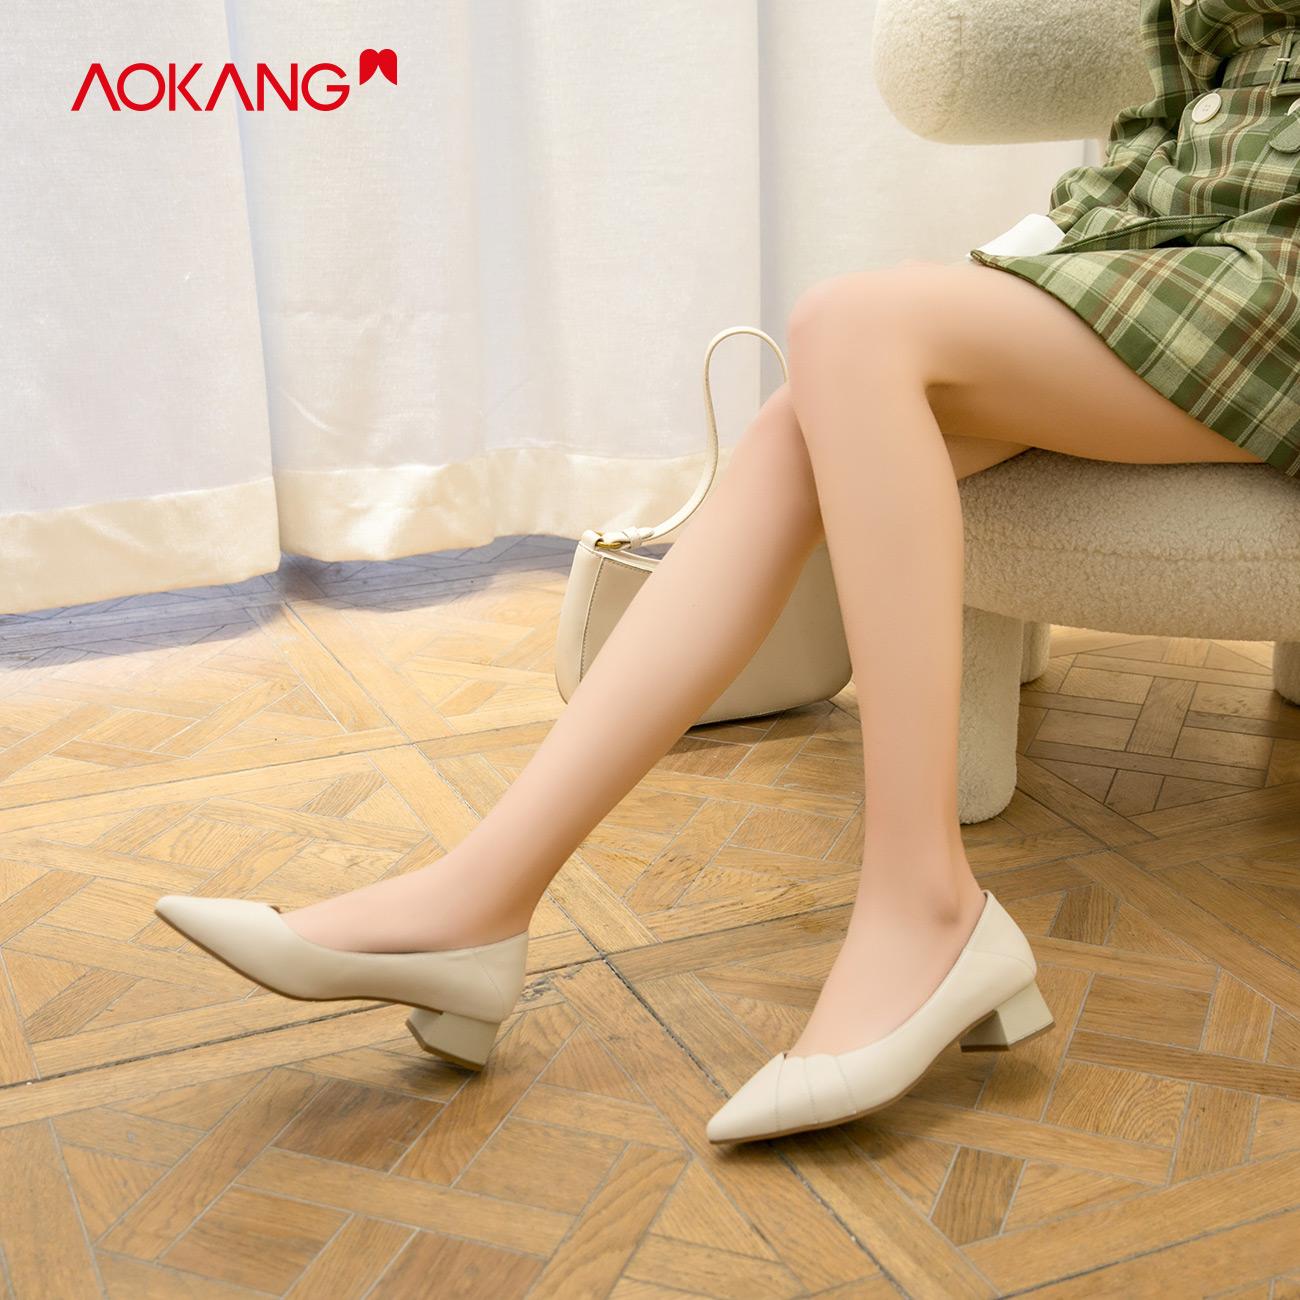 奥康女鞋2020新款牛皮革时尚韩版浅口尖头粗跟单鞋气质简约小皮鞋